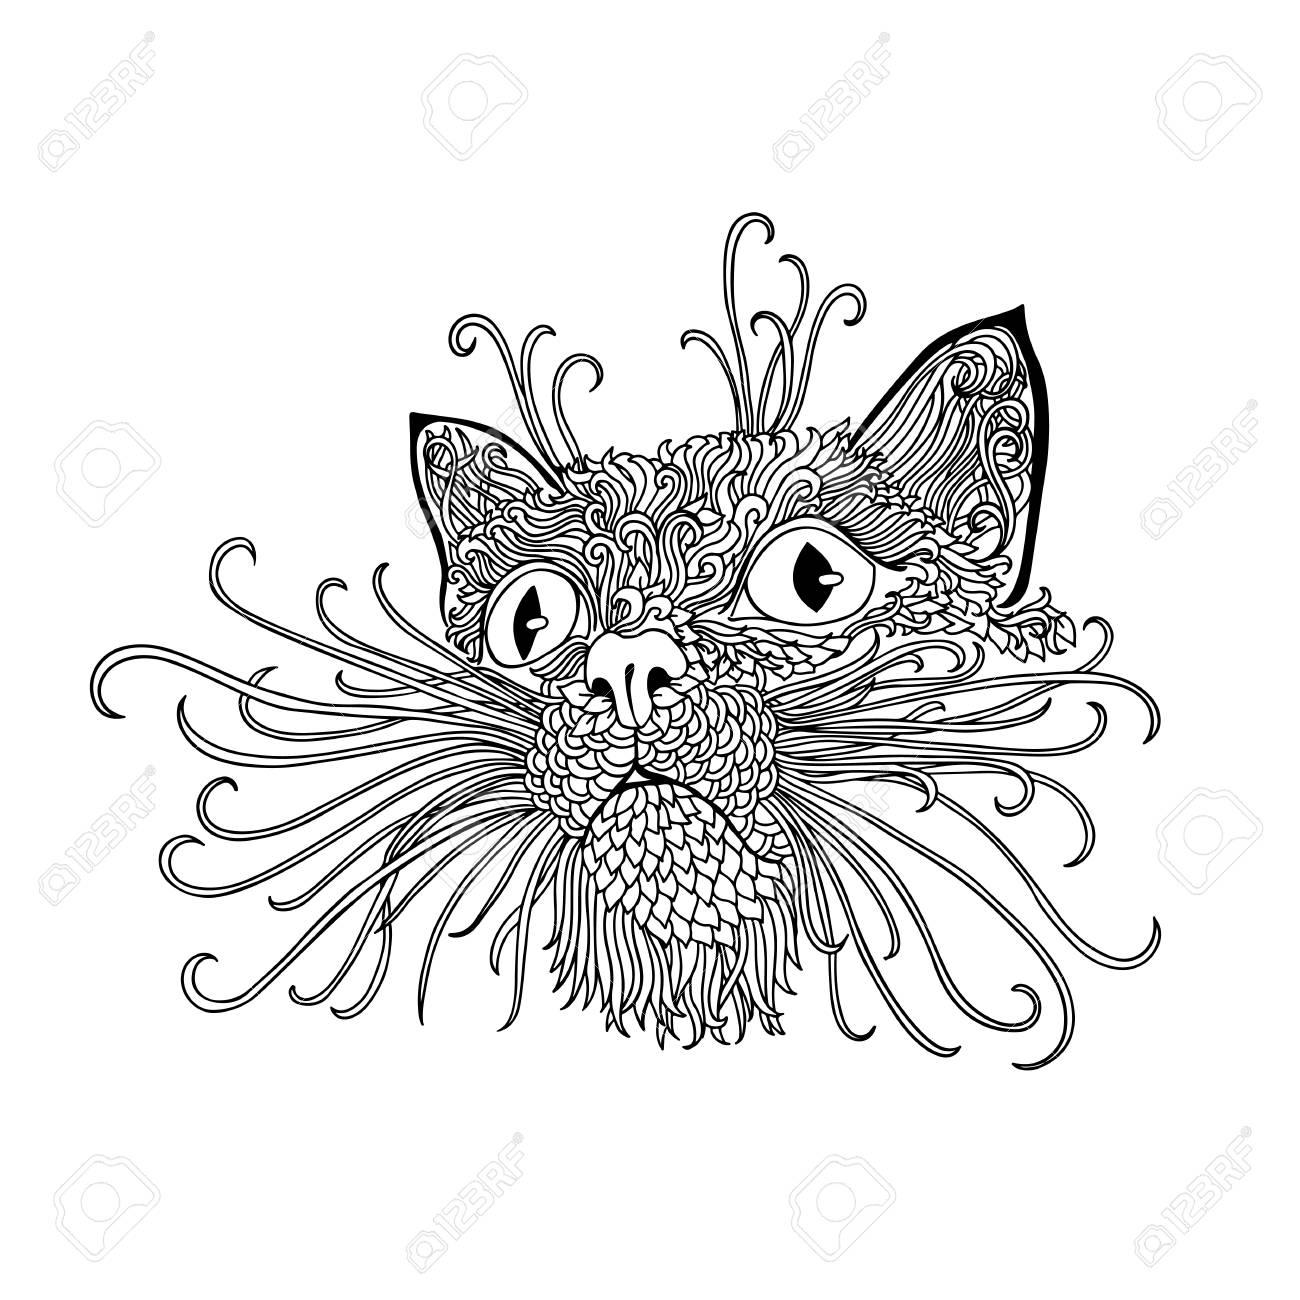 Gato Negro Y Blanco Con Adornos Florales étnicos Para El Libro Para ...